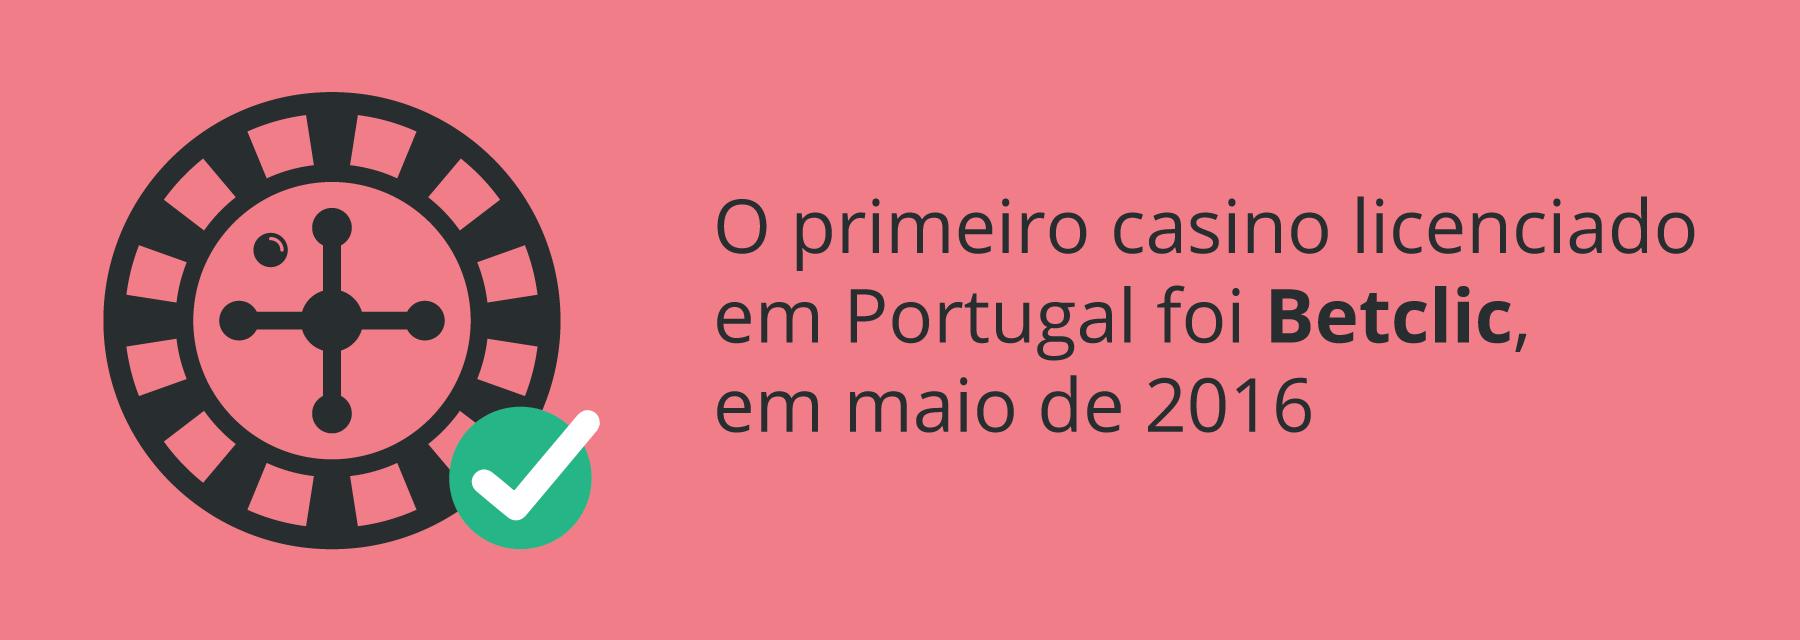 Primeiro casino licenciado em Portugal